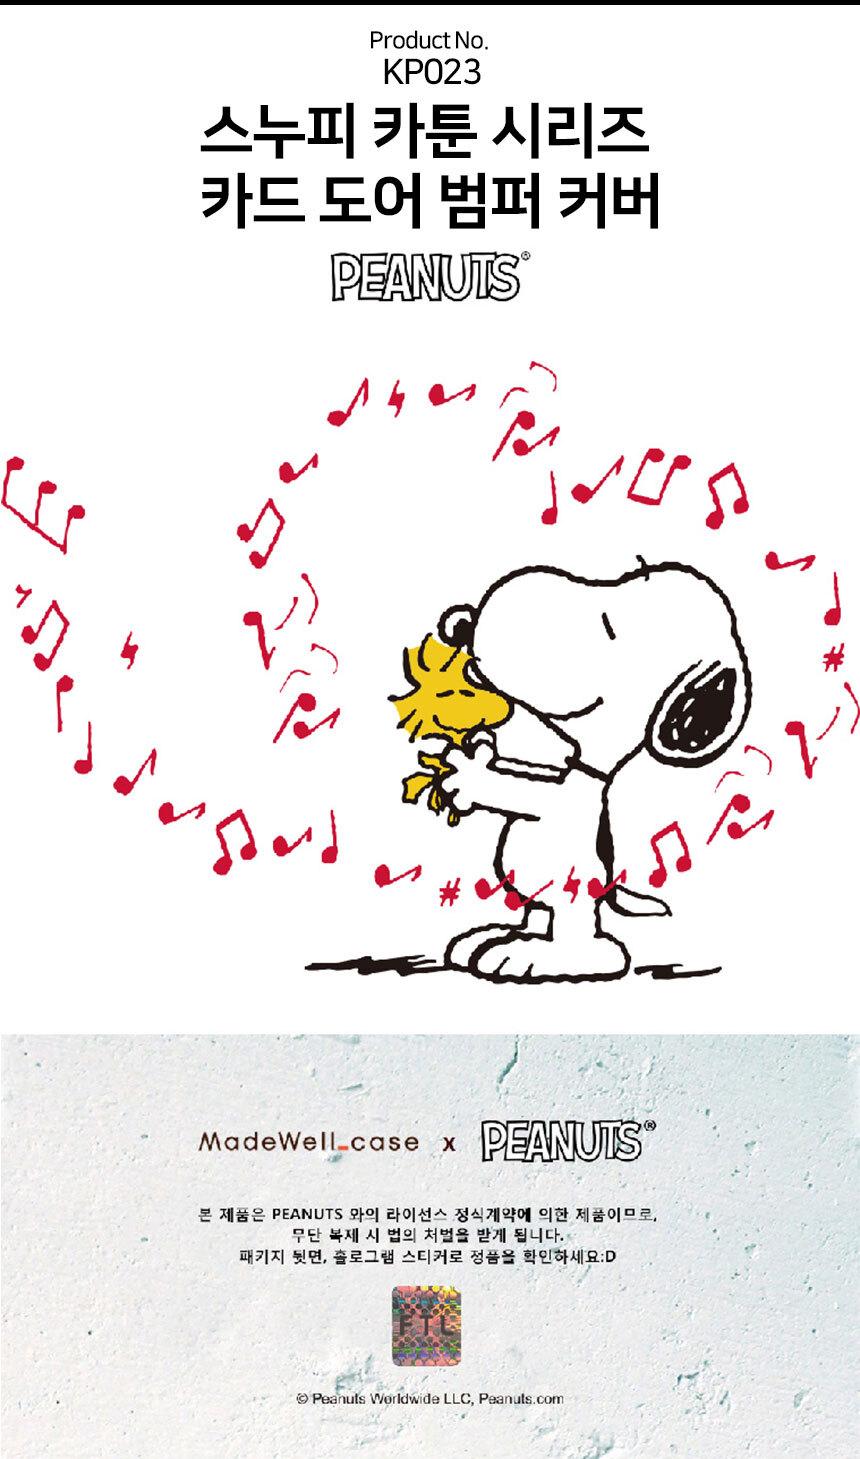 갤럭시노트3 스누피 카툰 캐릭터 하드 케이스 KP023 - 주식회사 베켄, 41,000원, 케이스, 기타 갤럭시 제품